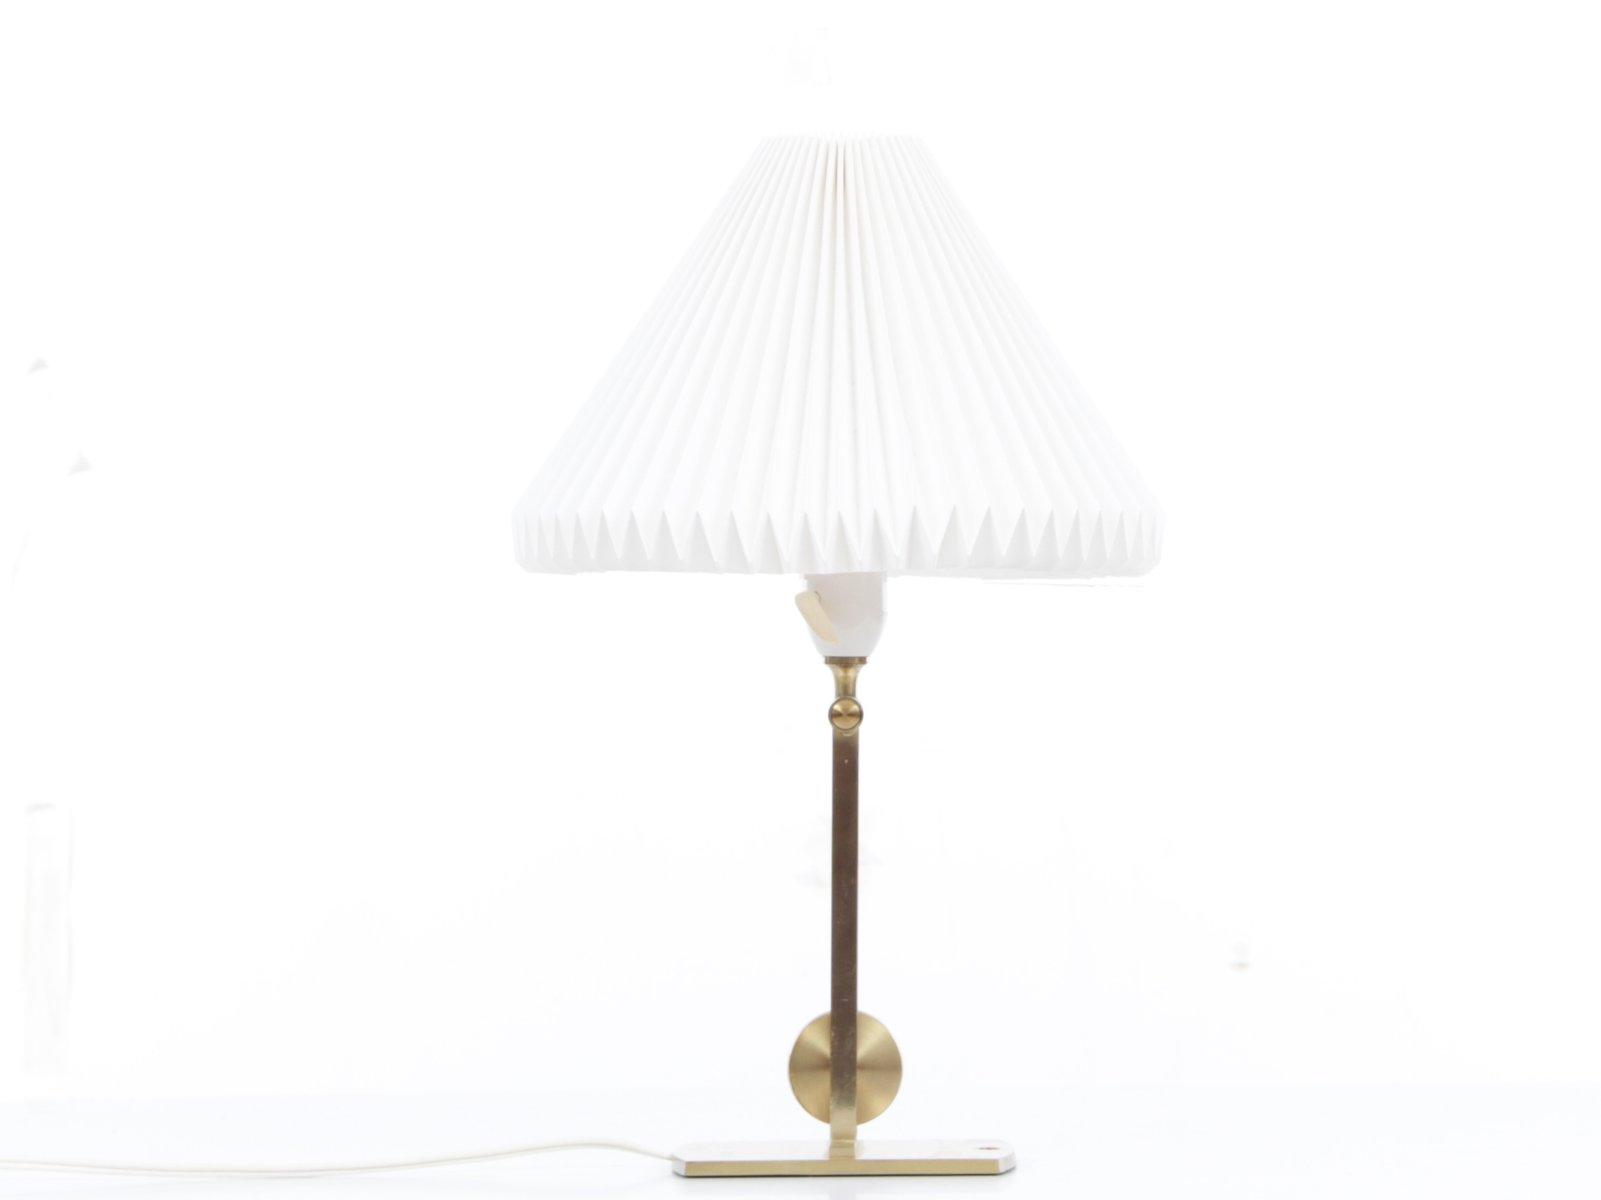 le klint lighting. Mid-Century Modern Scandinavian Lamp From Le Klint, 1960s Klint Lighting